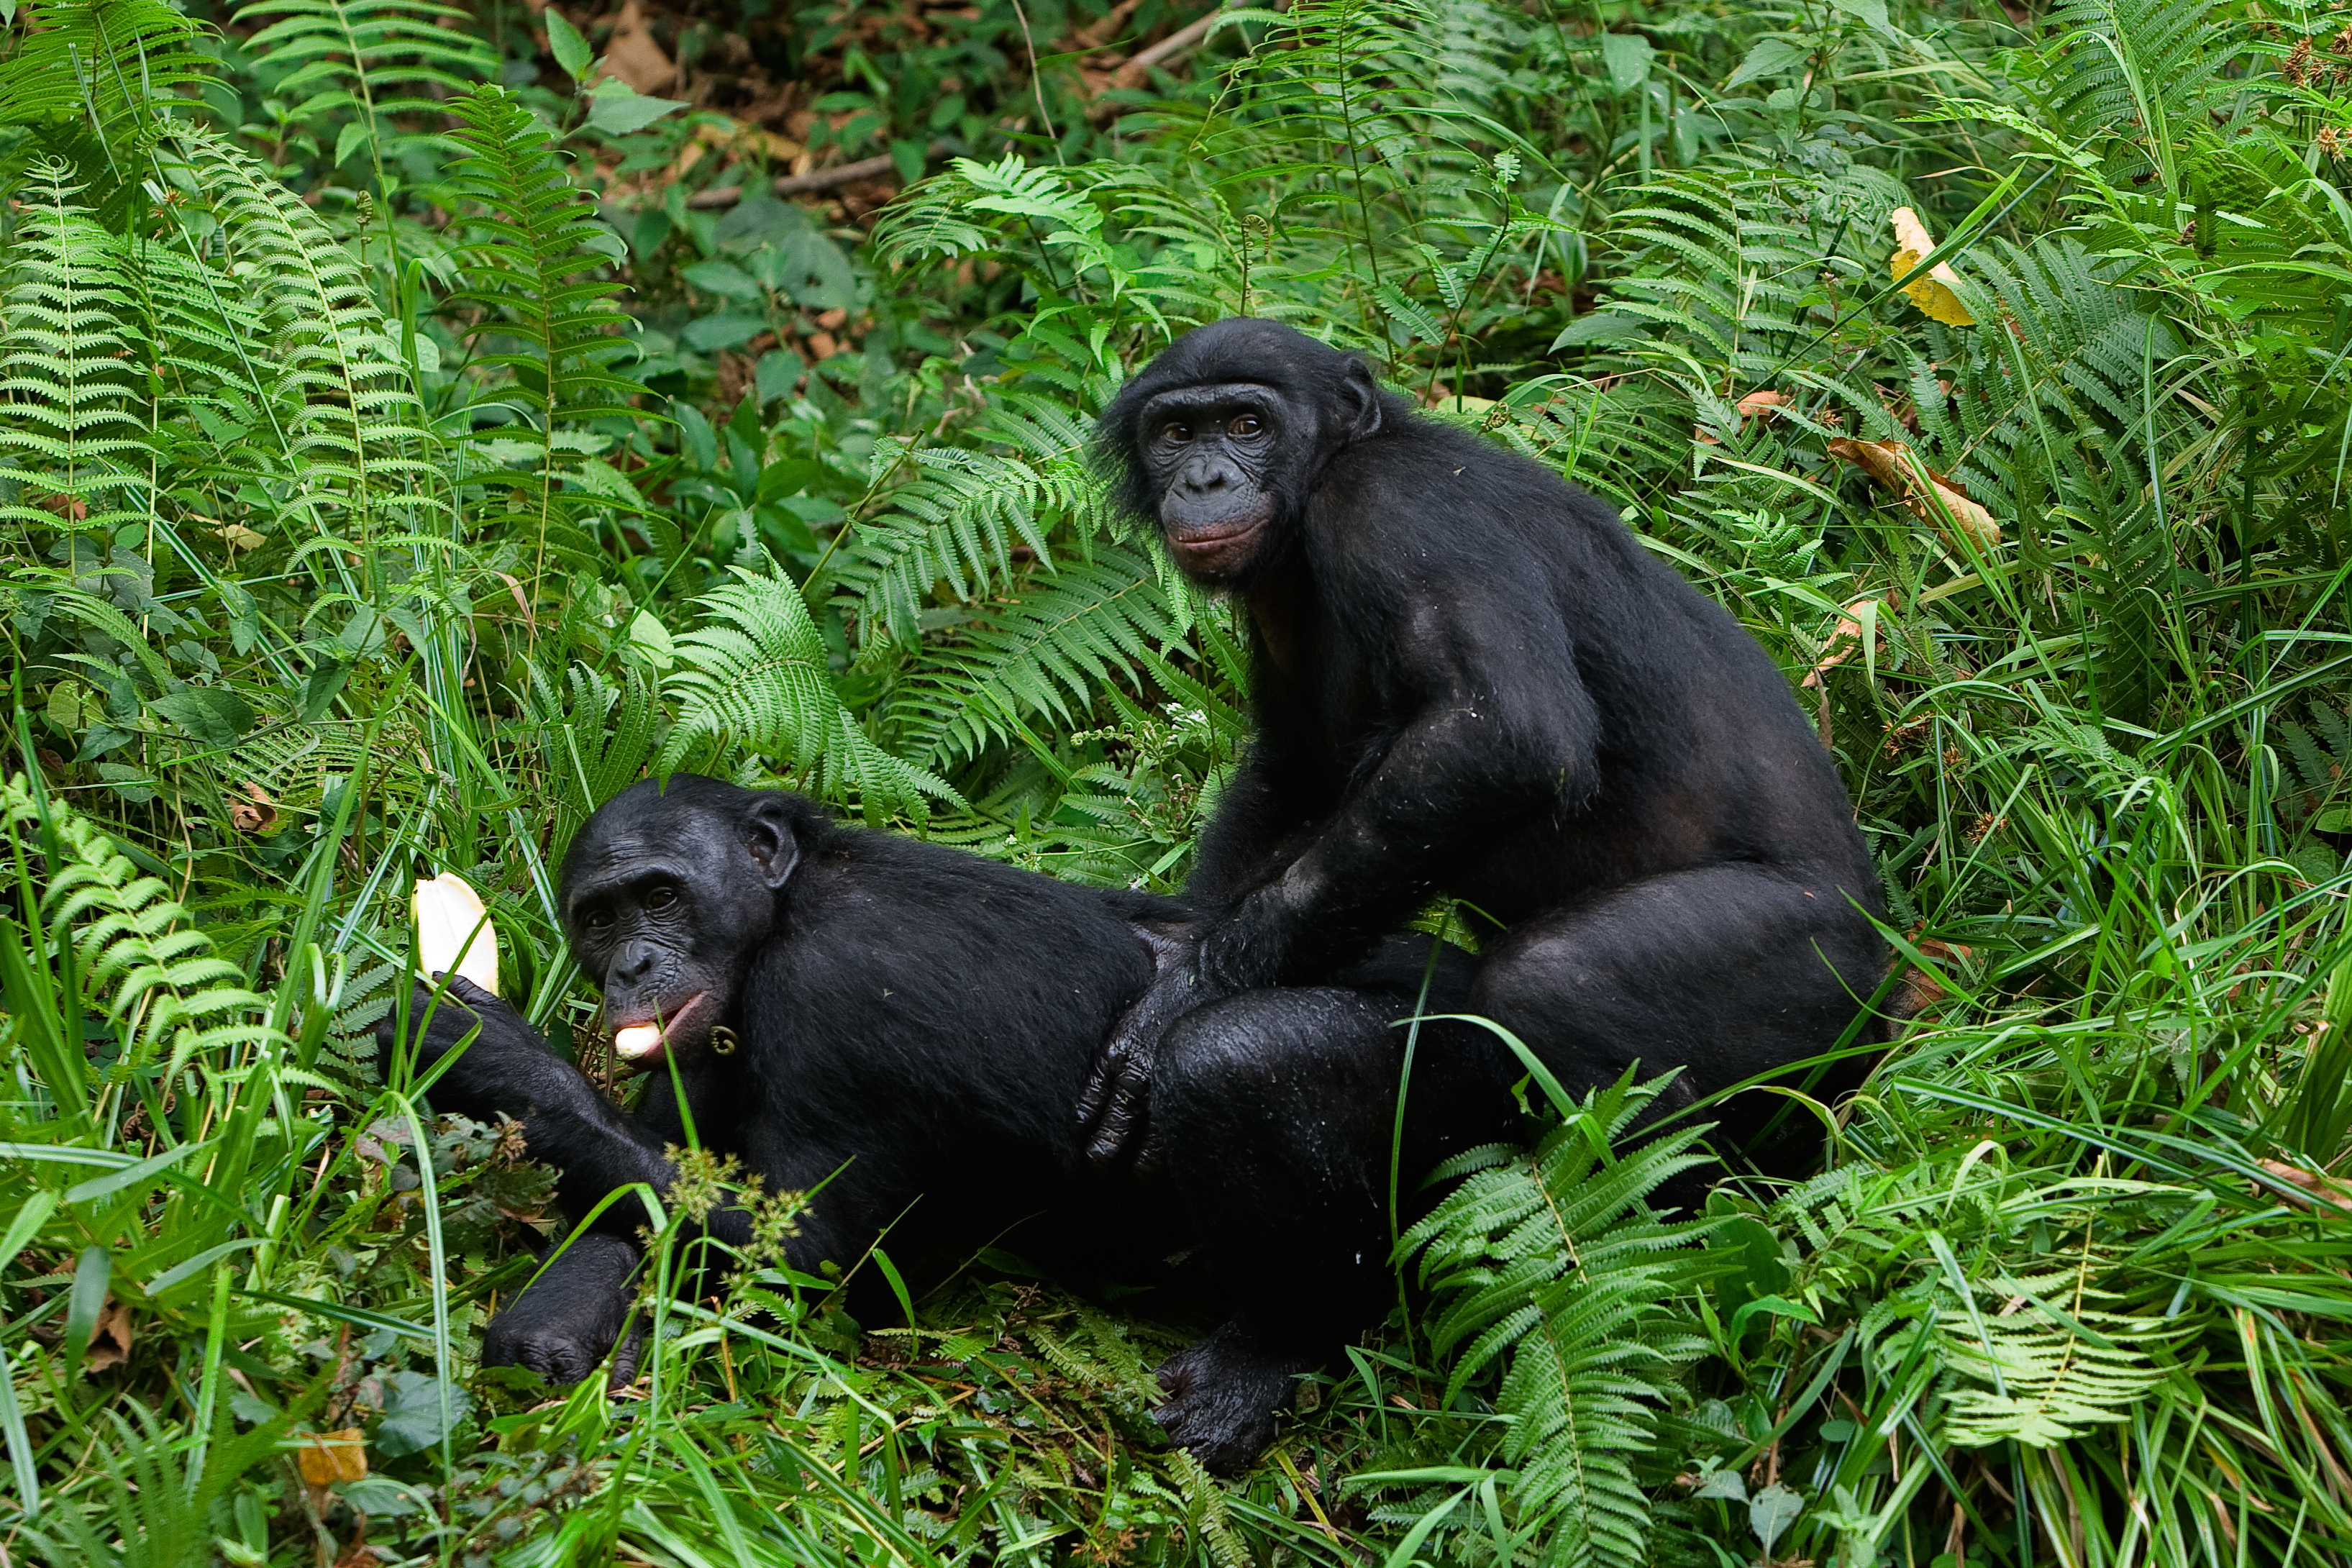 Смотреть половые органы у обезьян онлайн 12 фотография